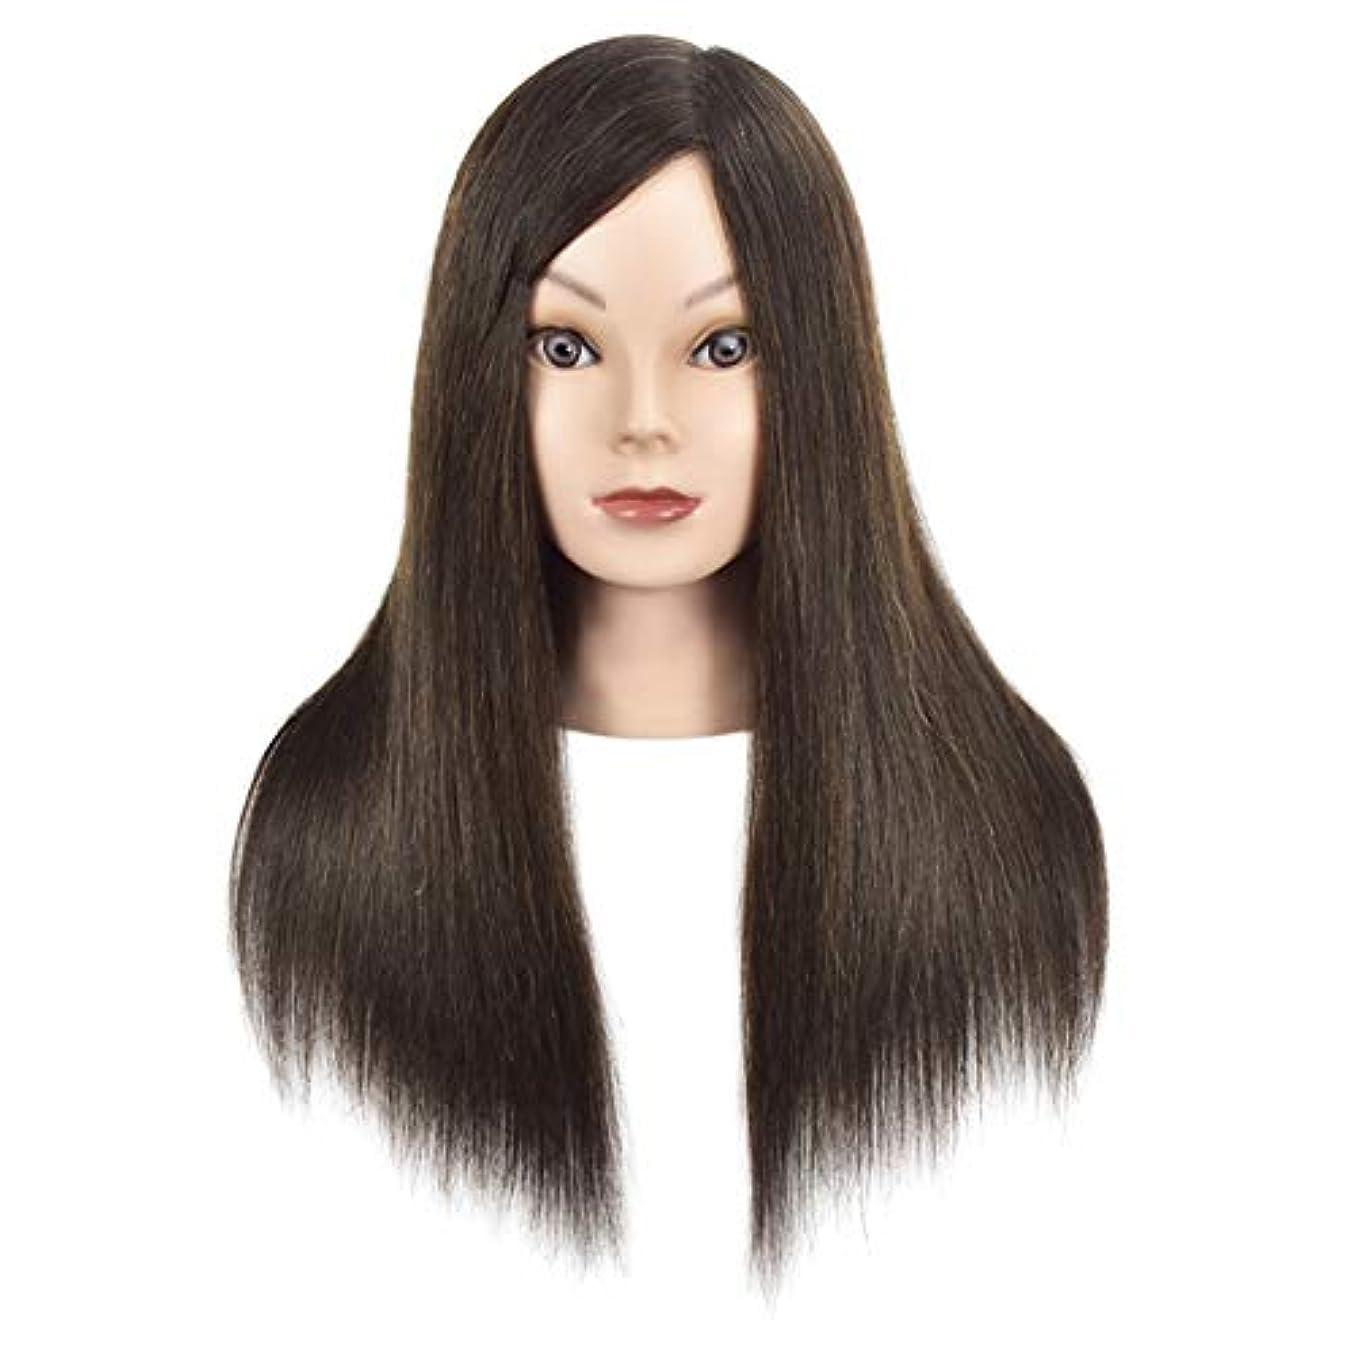 ウェイド分析する果てしない理髪店トリミングヘアエクササイズヘッドモールドメイクモデリング学習マネキンダミーヘッドブラック